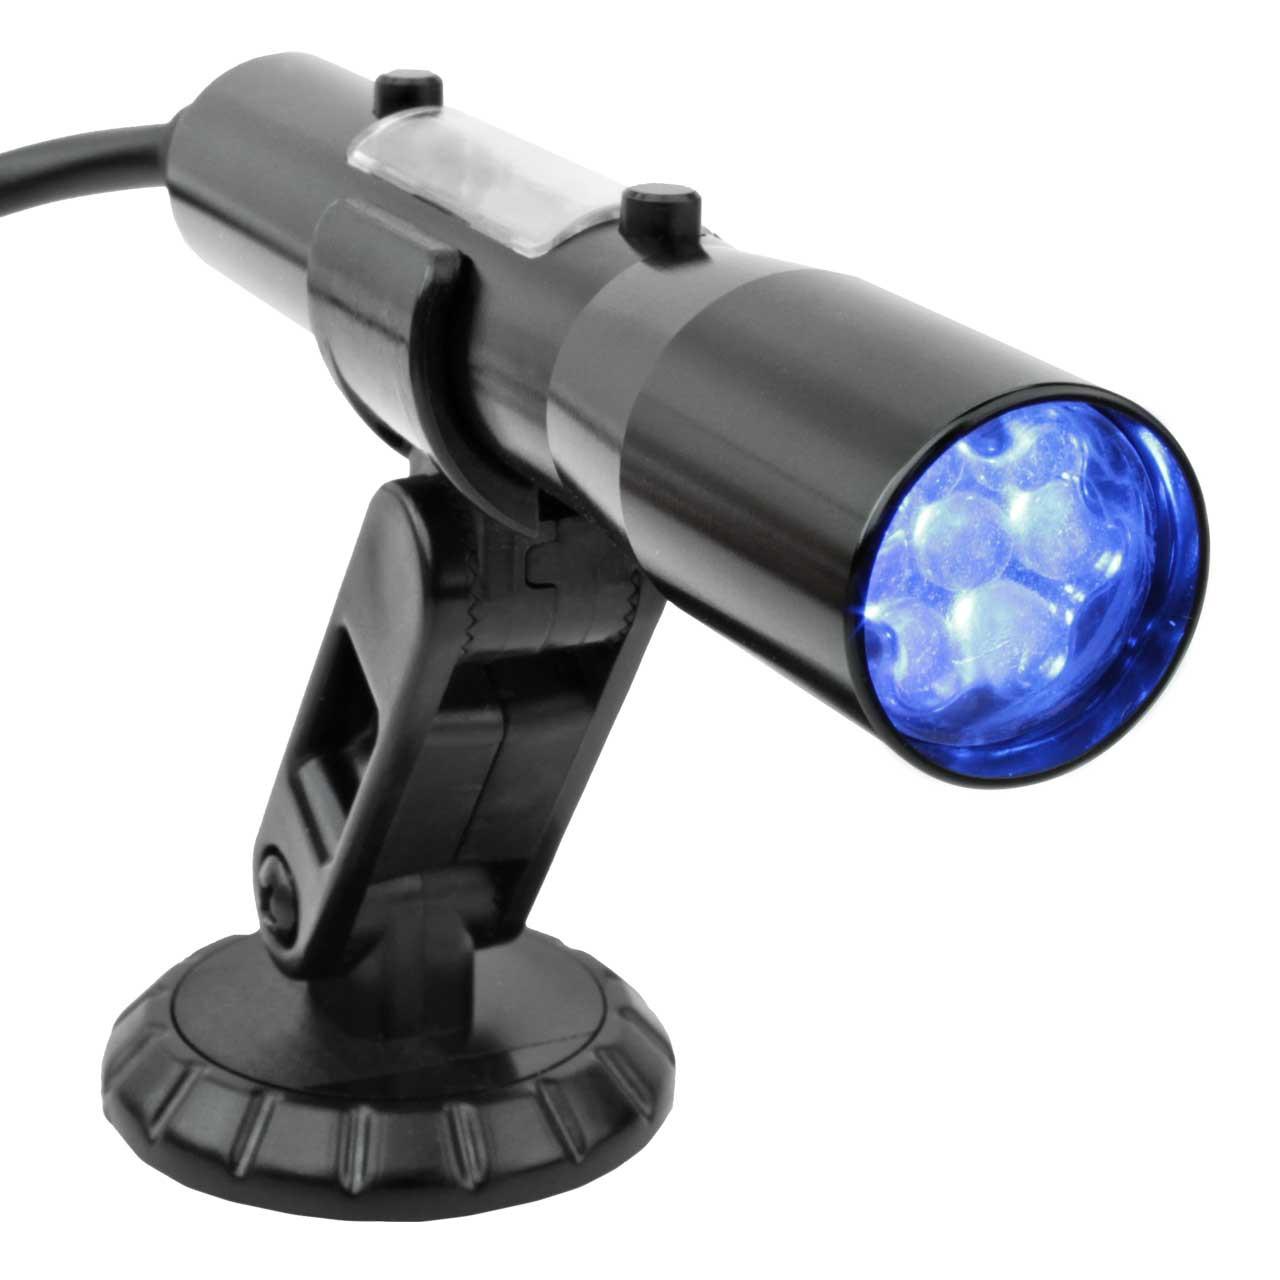 SST Shift Light - Blue LEDs with Black Aluminum Tube (Smart-Shift Technology)